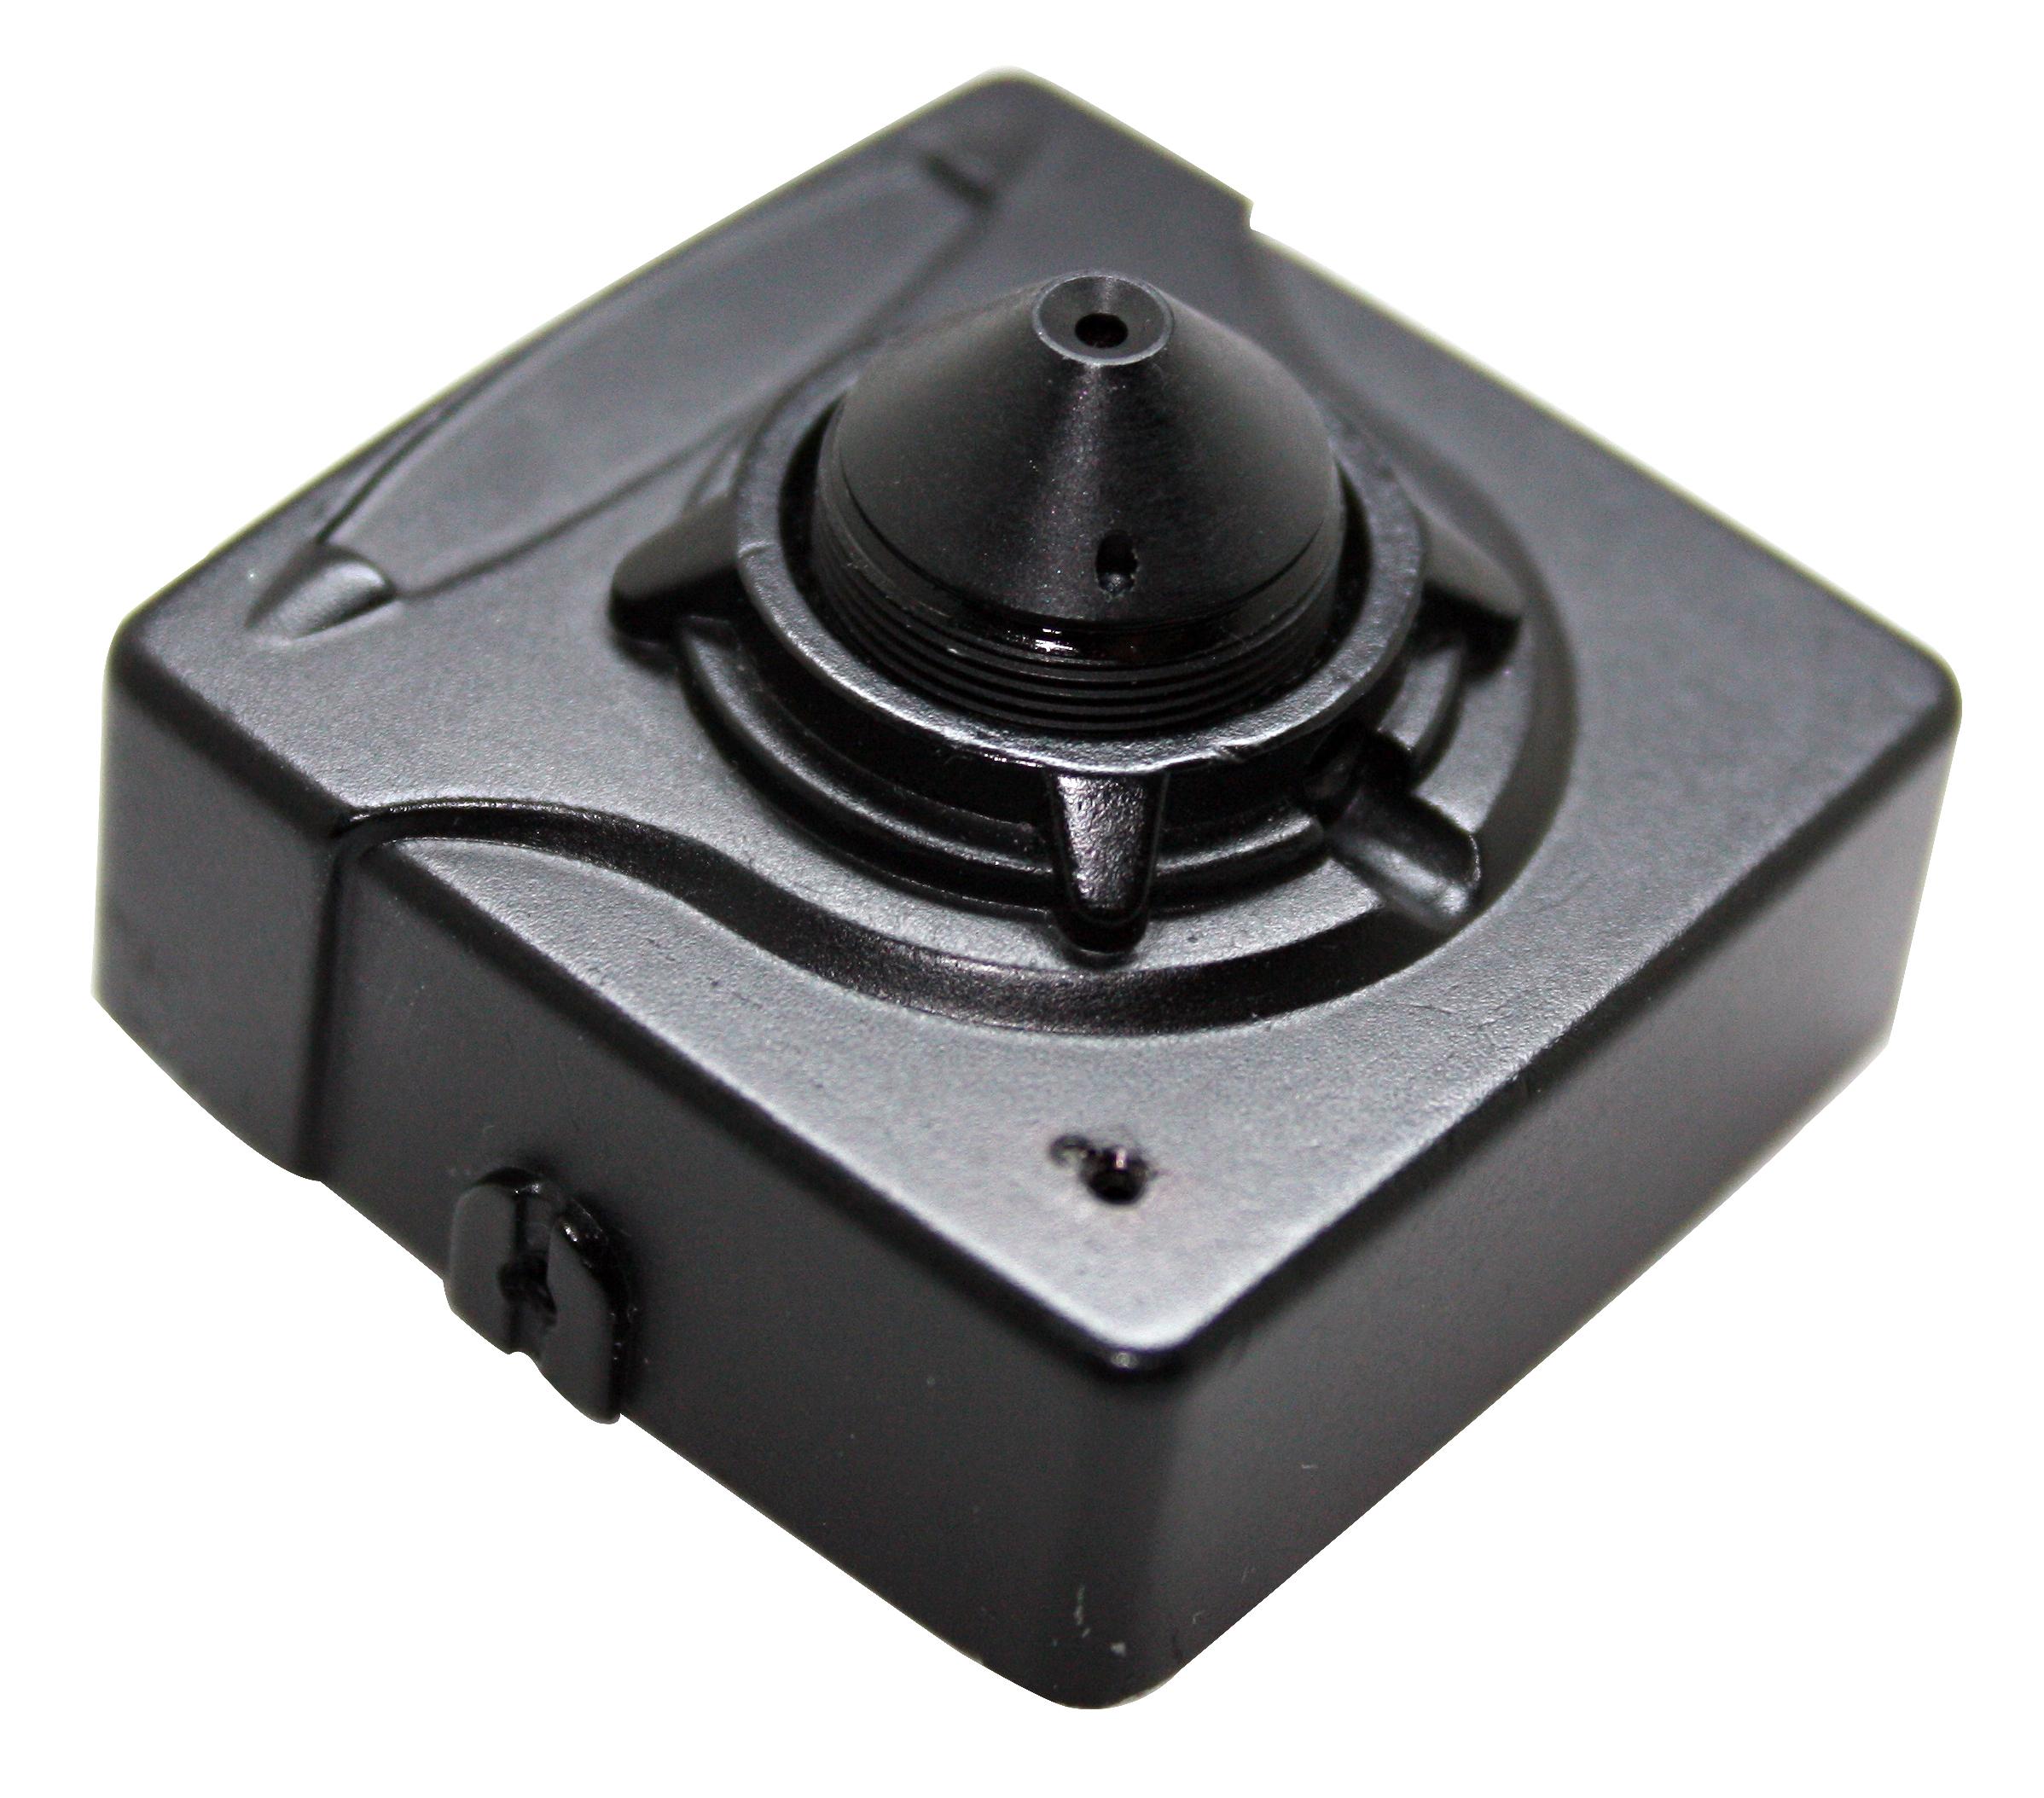 DUM-P150  Made in Korea